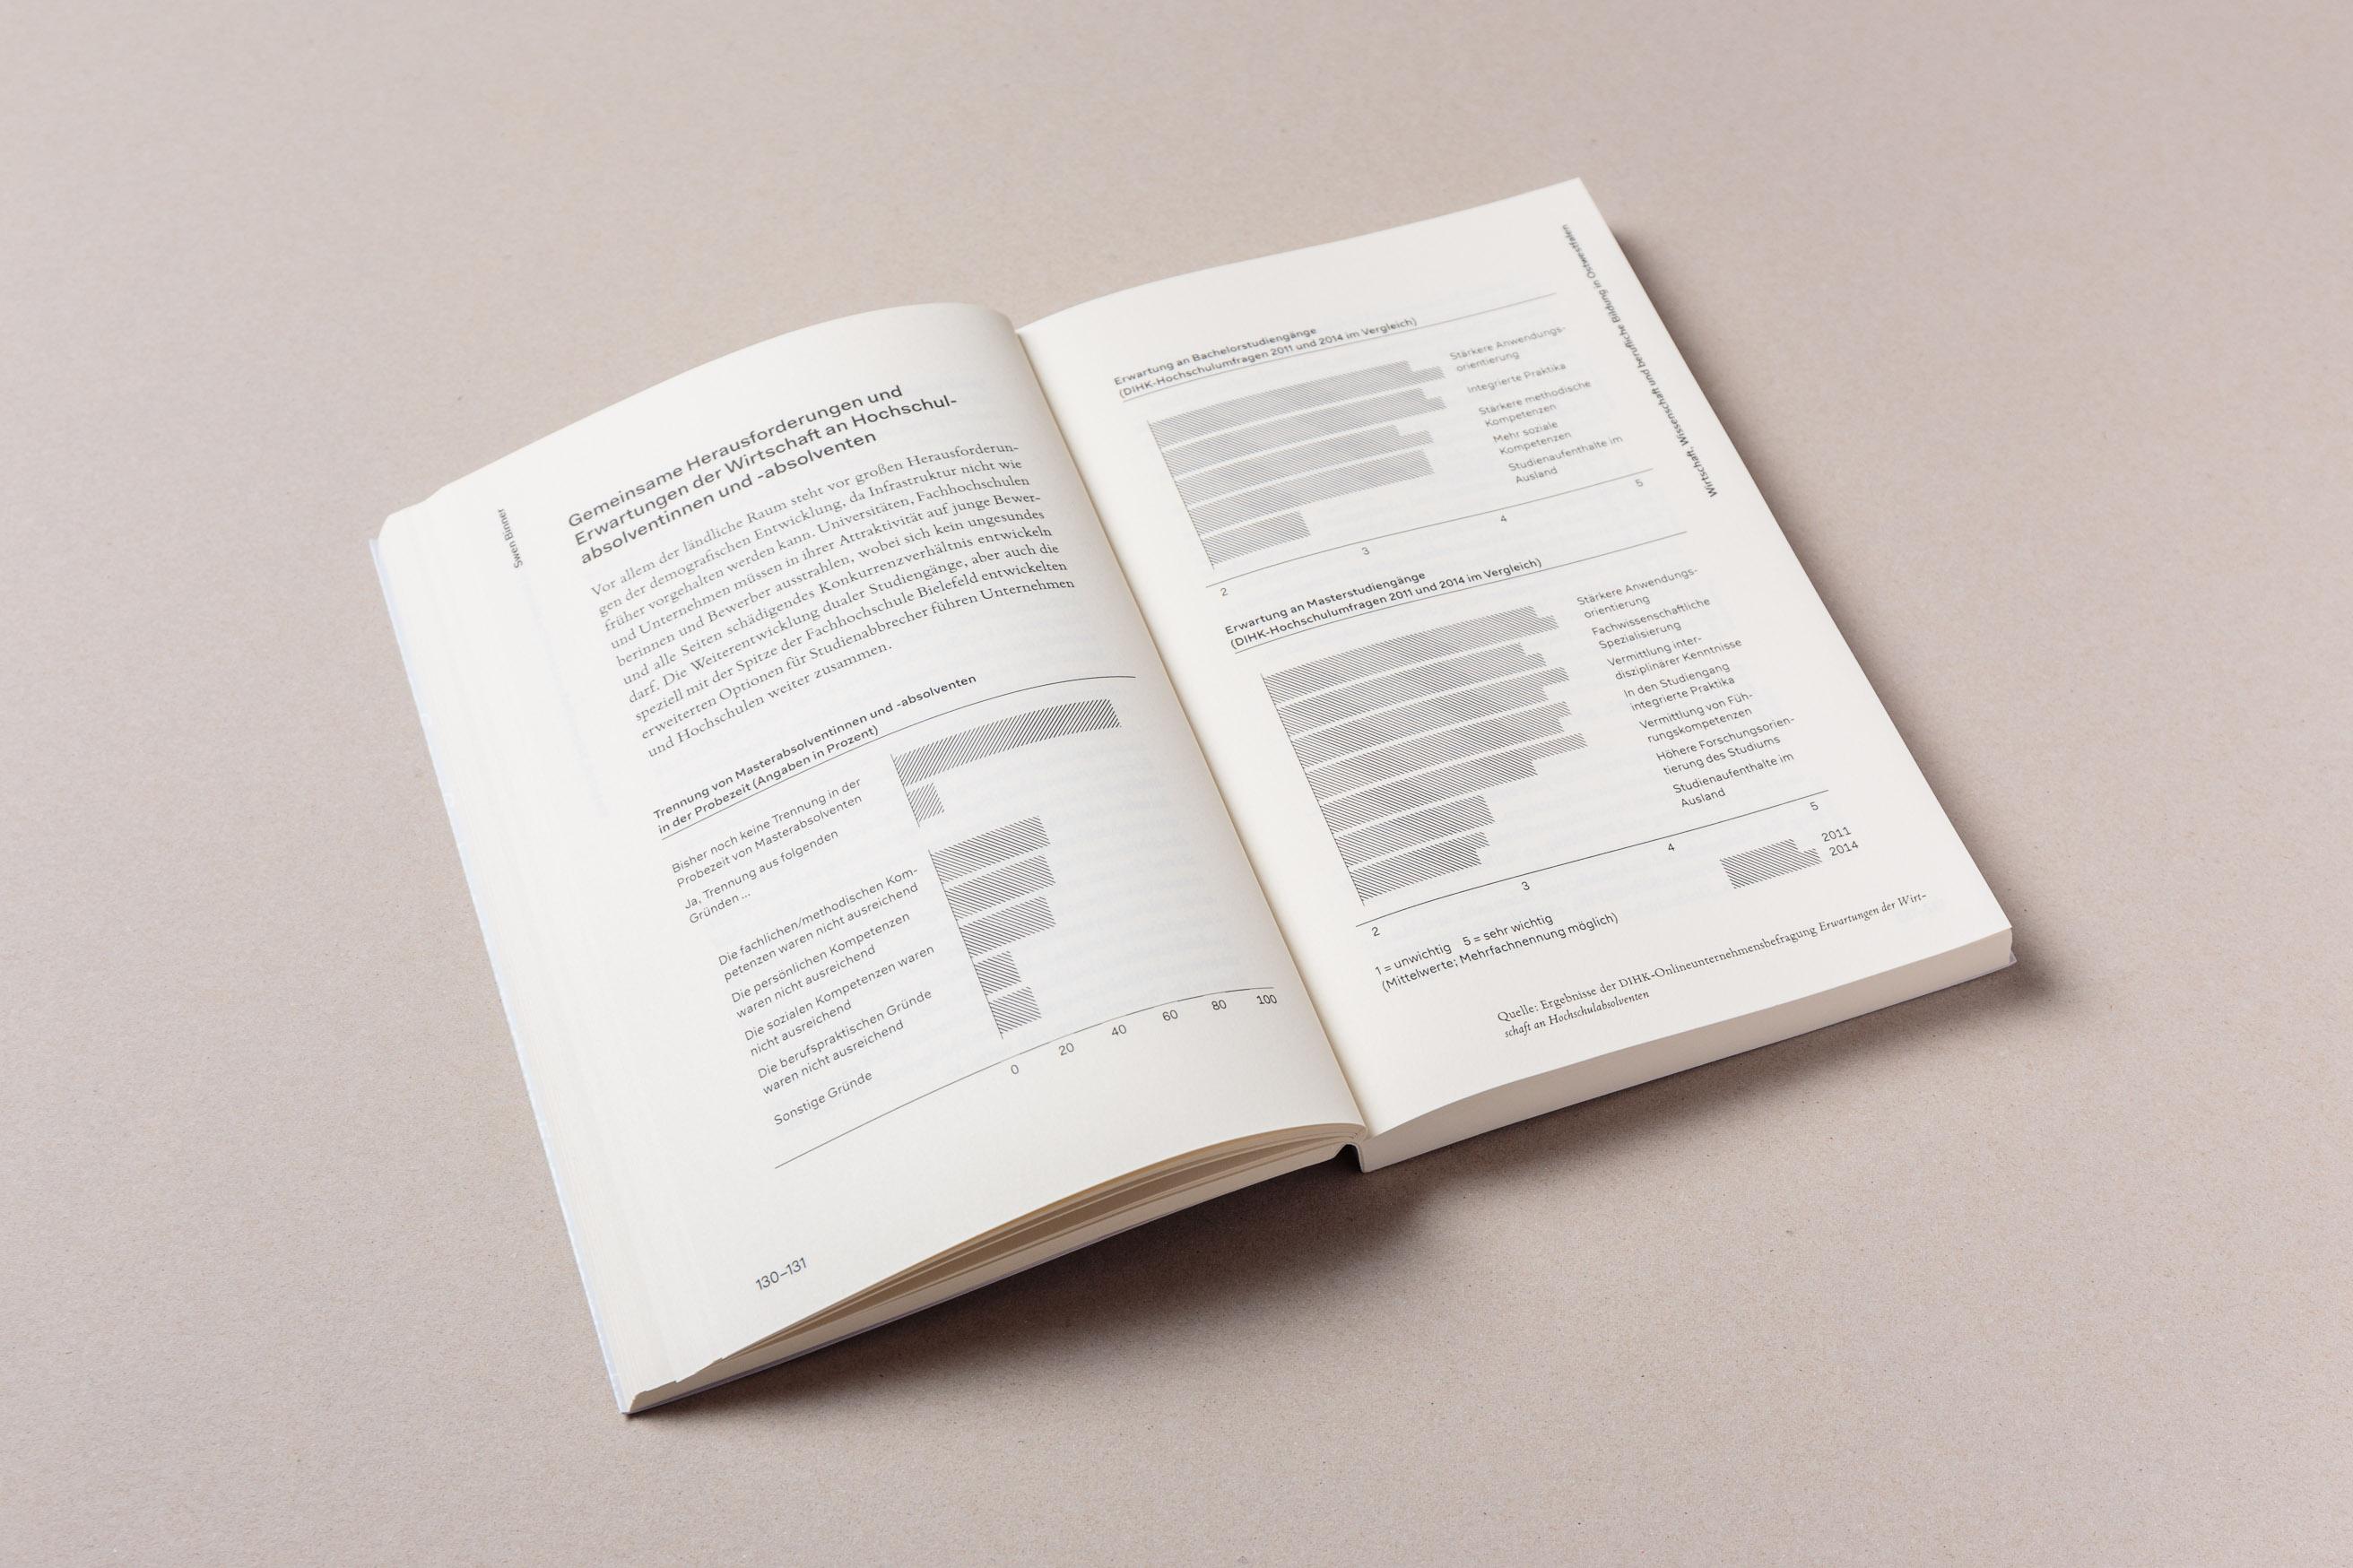 Doppelseite mit Text und Infografiken, Bildung anführen